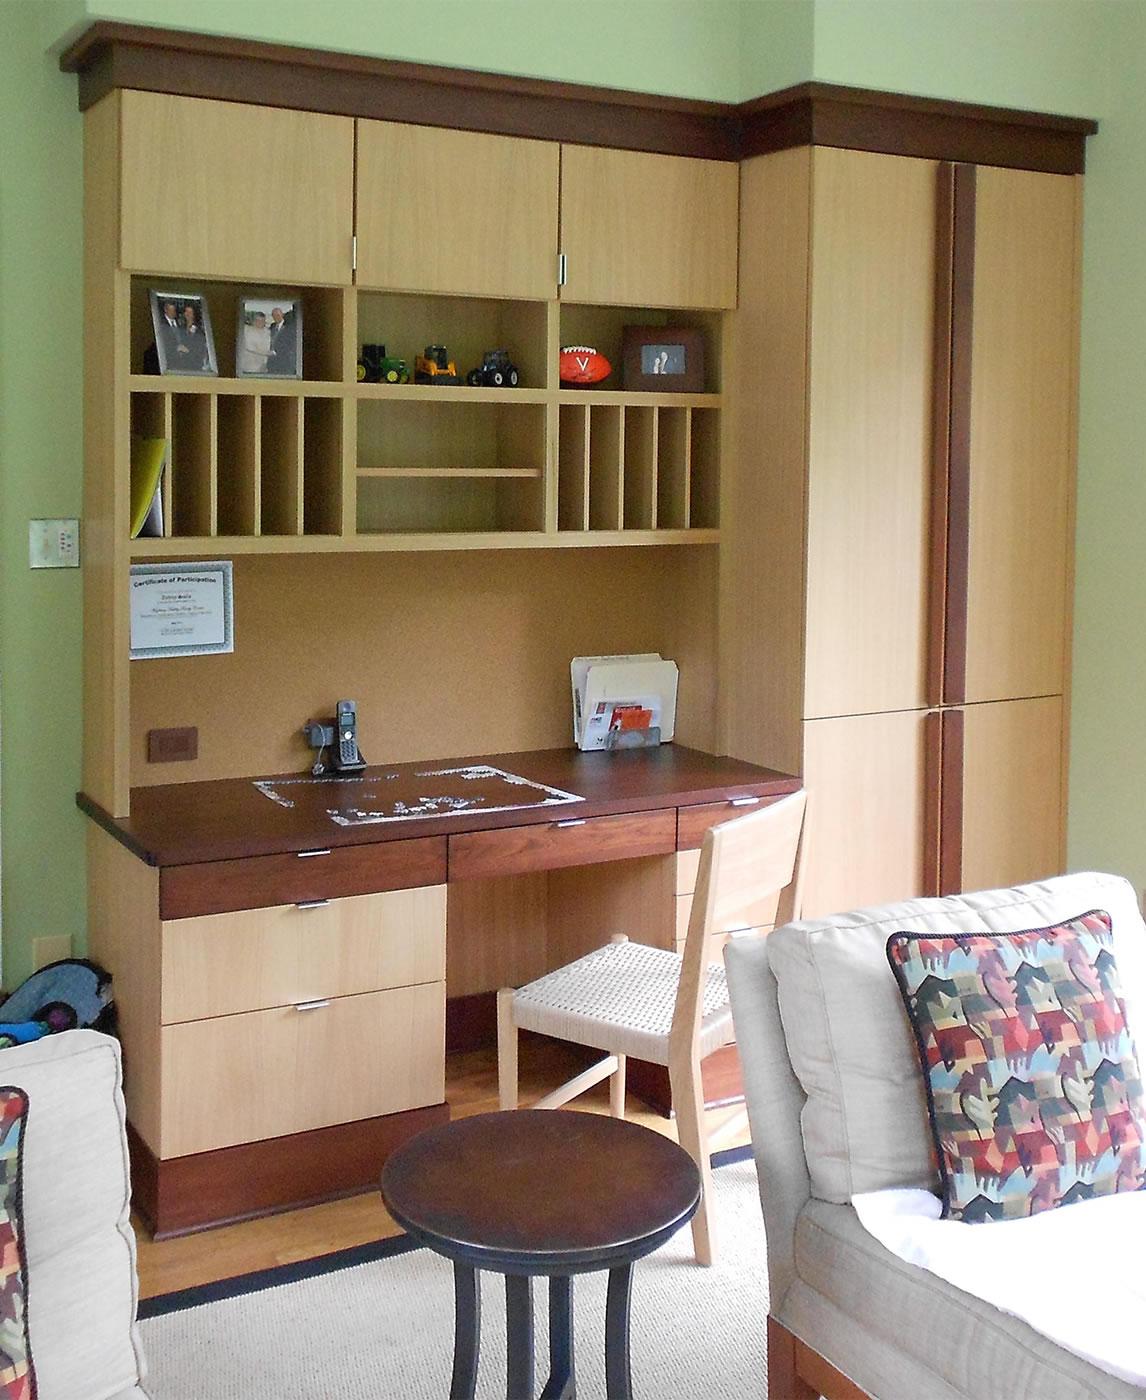 study-desk-with-AV-equpiment-storage-rift-cut-white-oak-and-mahogany.jpg